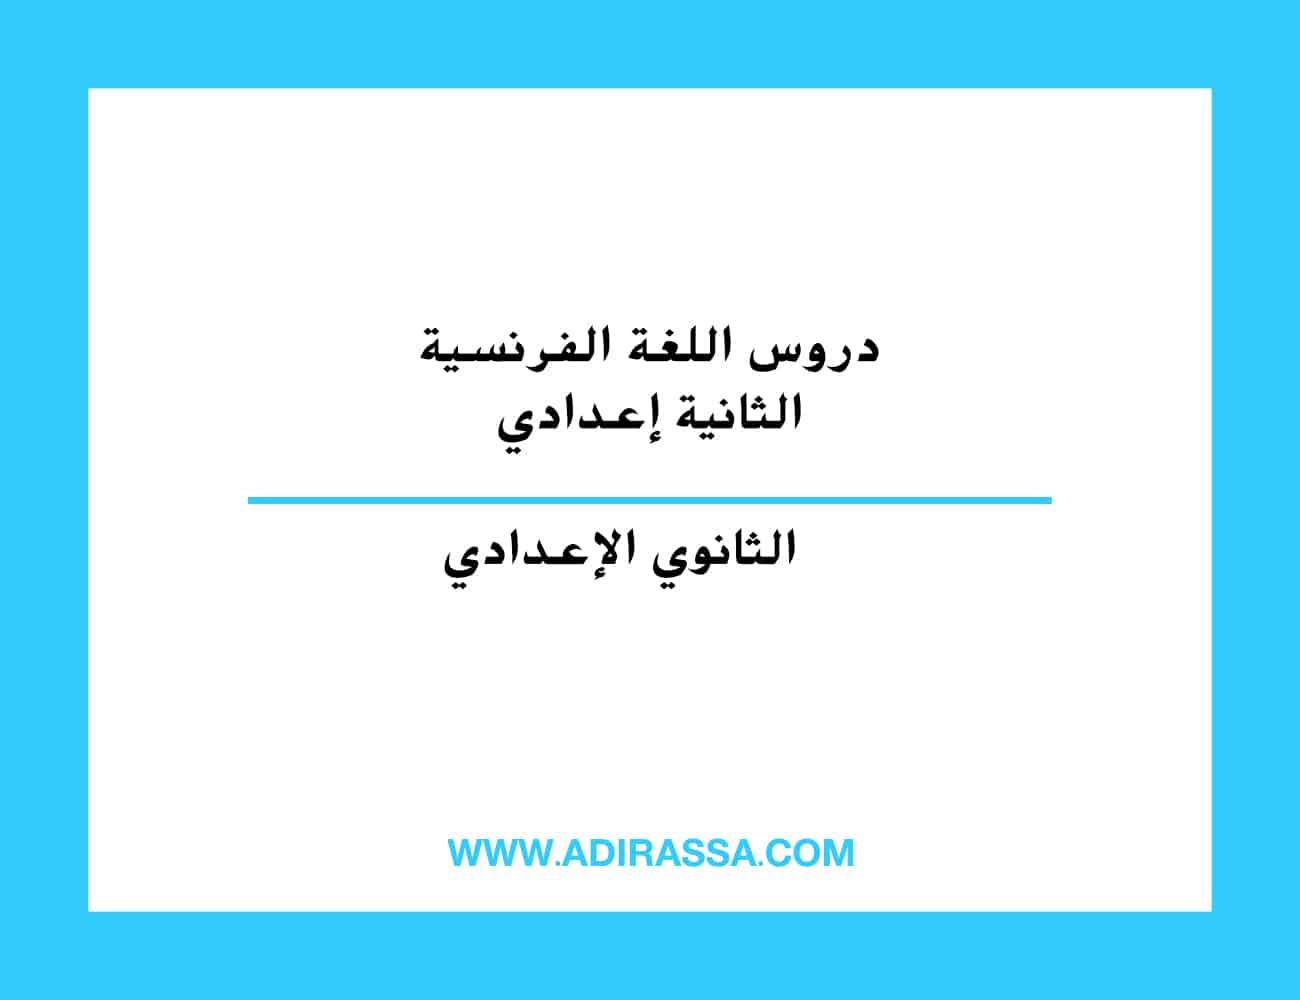 دروس اللغة الفرنسية الثانية إعدادي المقررة بالمدرسة المغربية